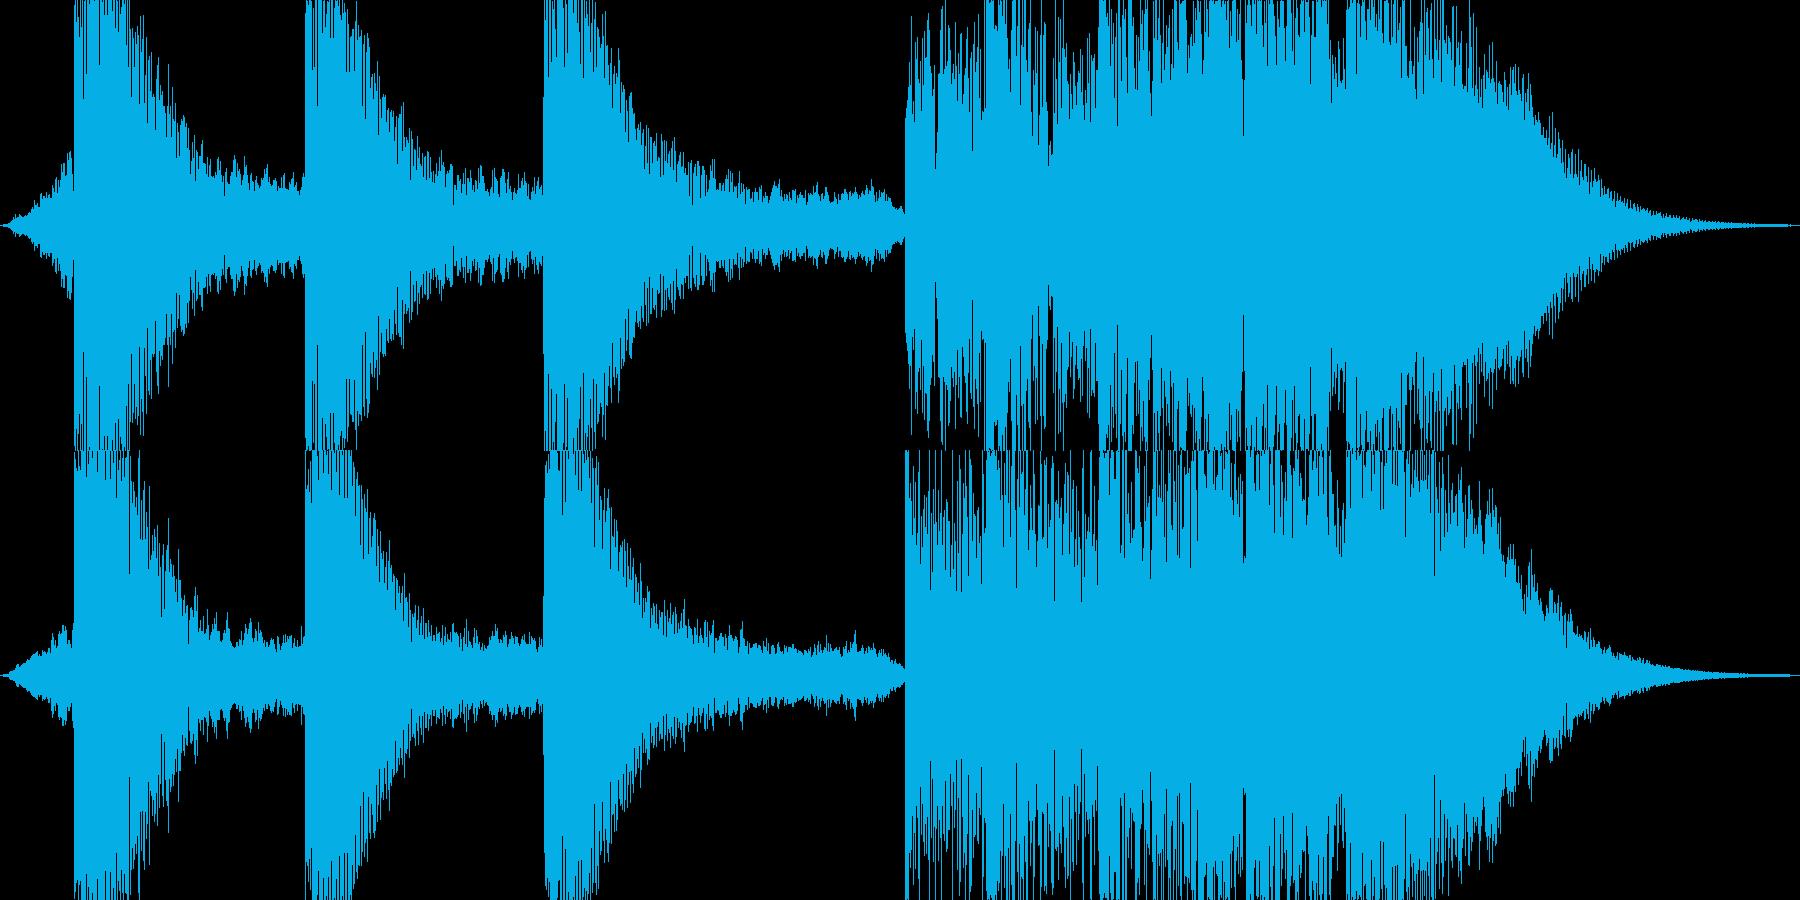 サイファイのダークでSF的な衝撃音の再生済みの波形